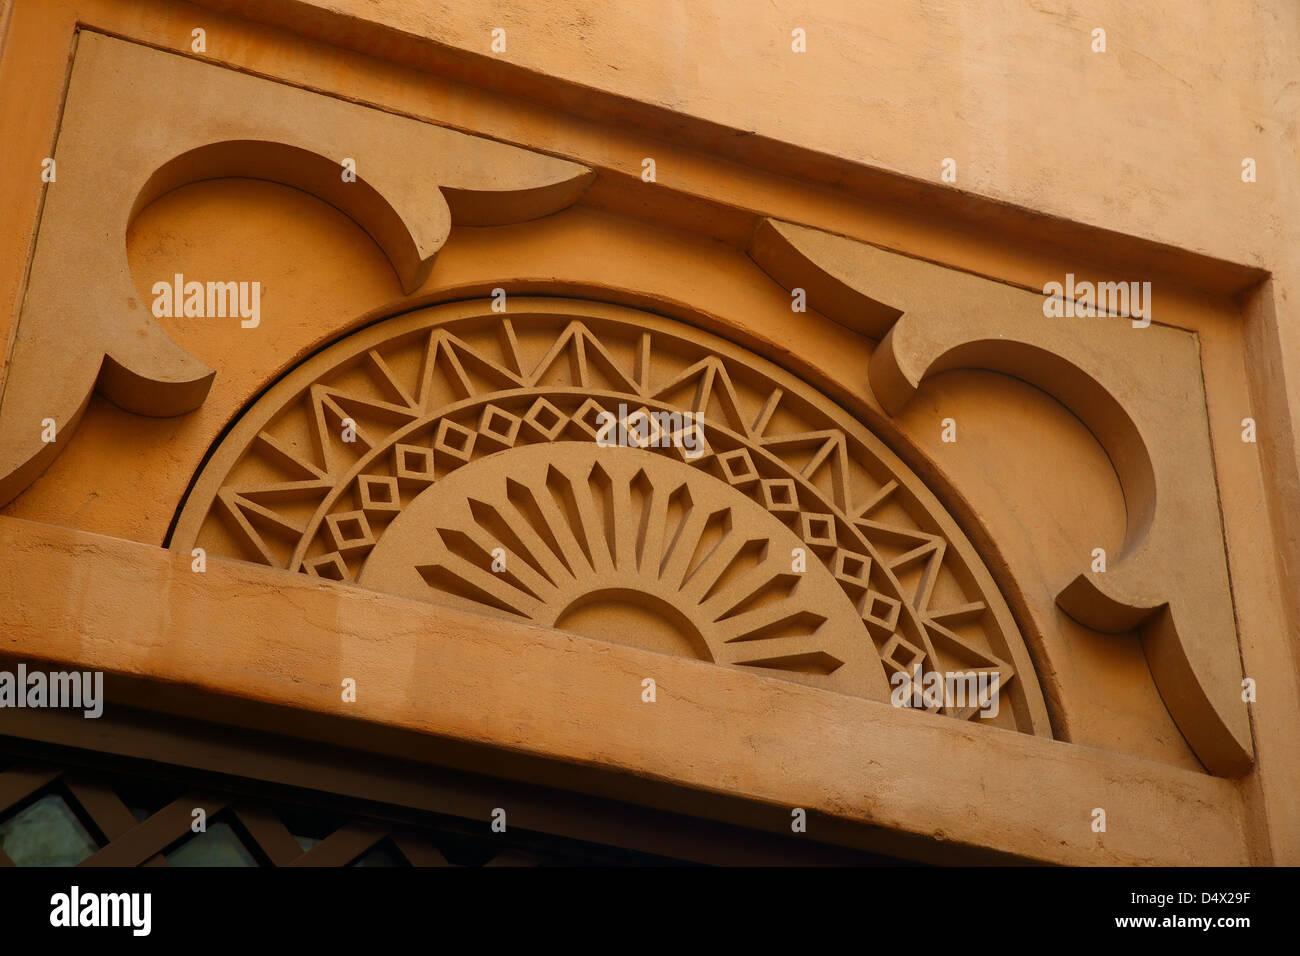 Architektonisches Detail am Madinat Jumeirah Souk, Dubai, Vereinigte Arabische Emirate Stockbild